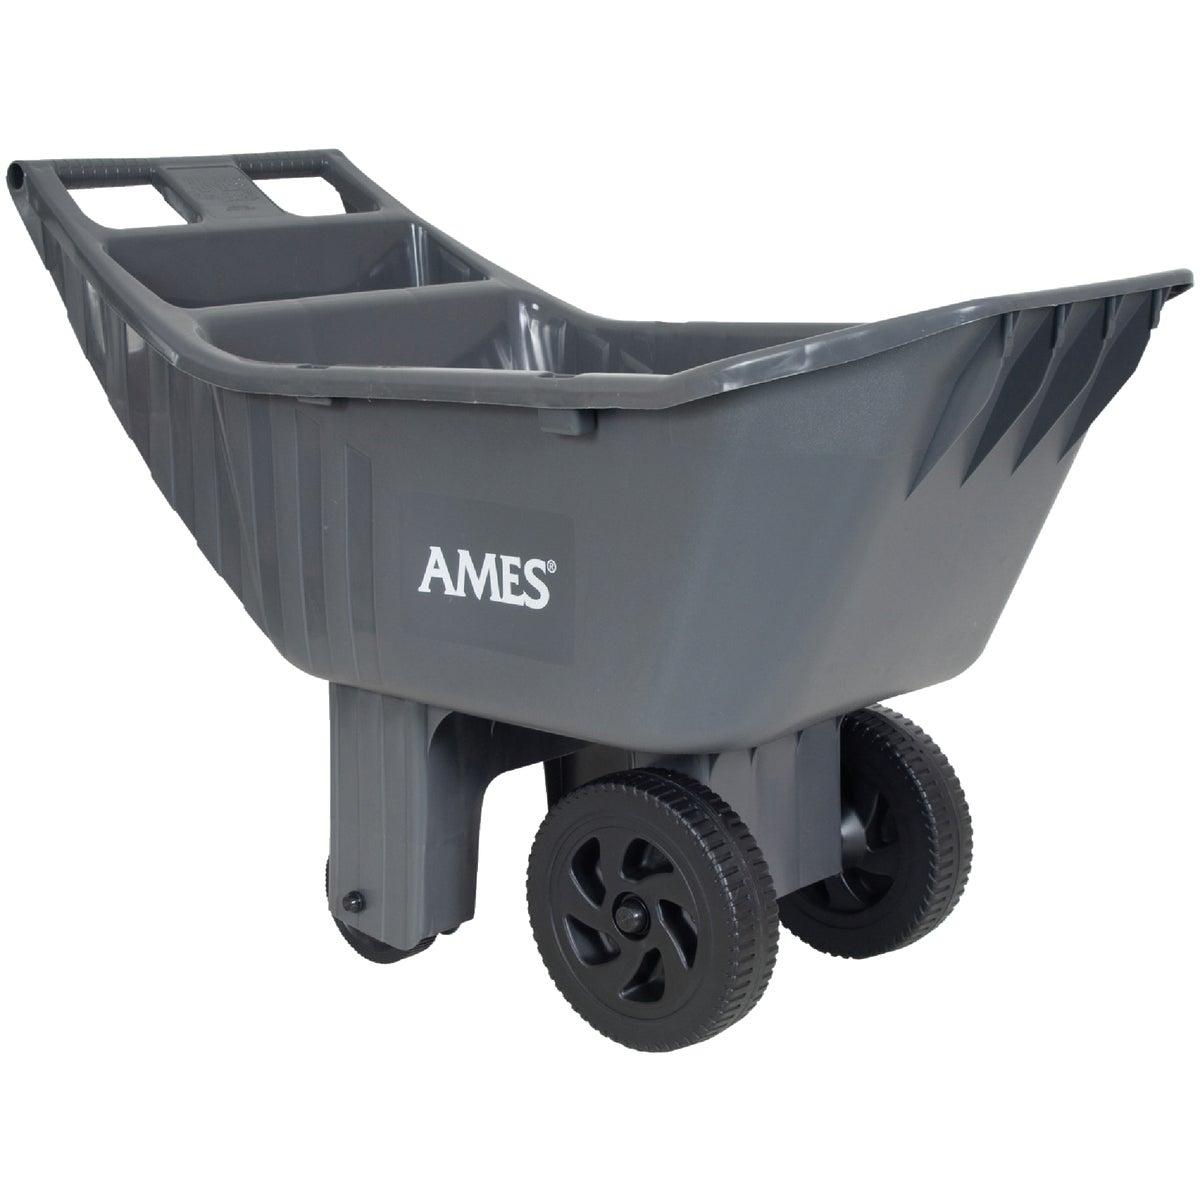 Ames Easy Roller Garden Cart, 2463875